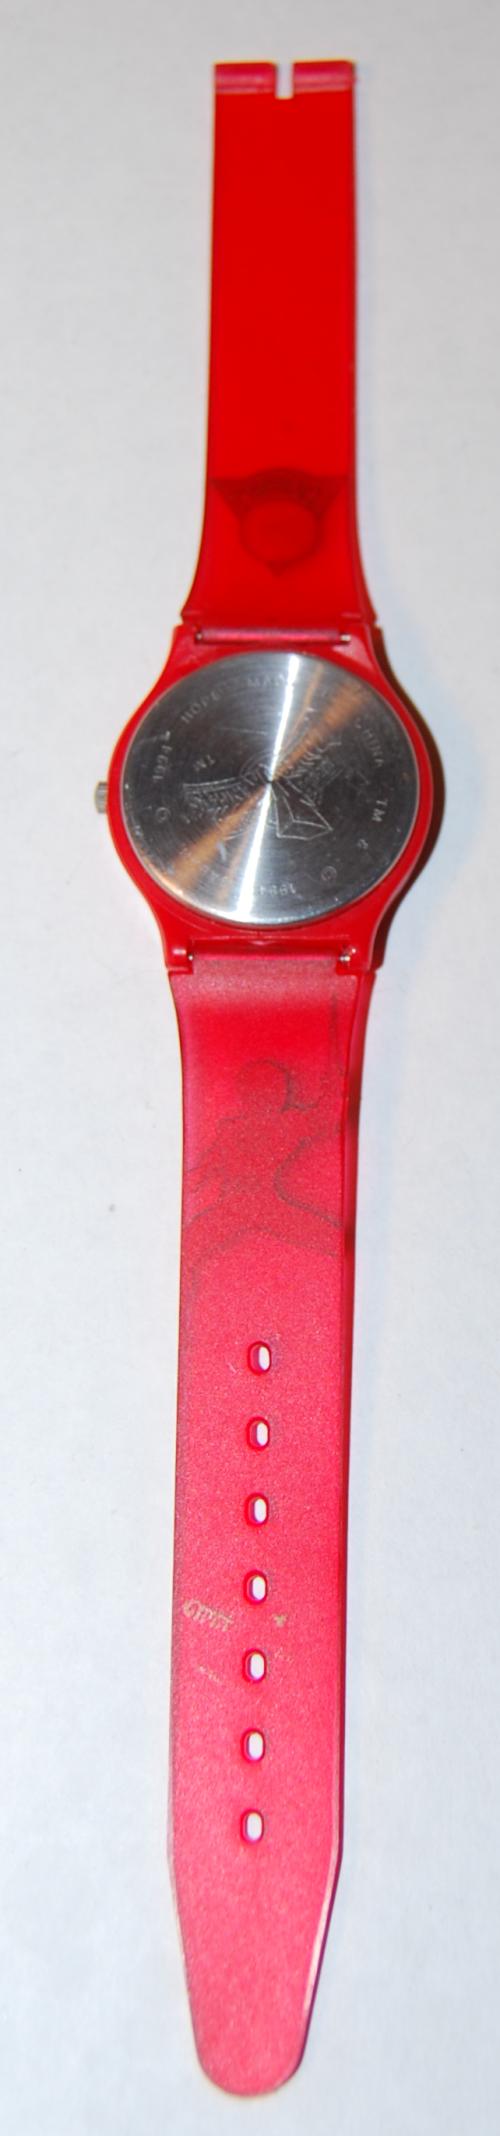 Power ranger watch x